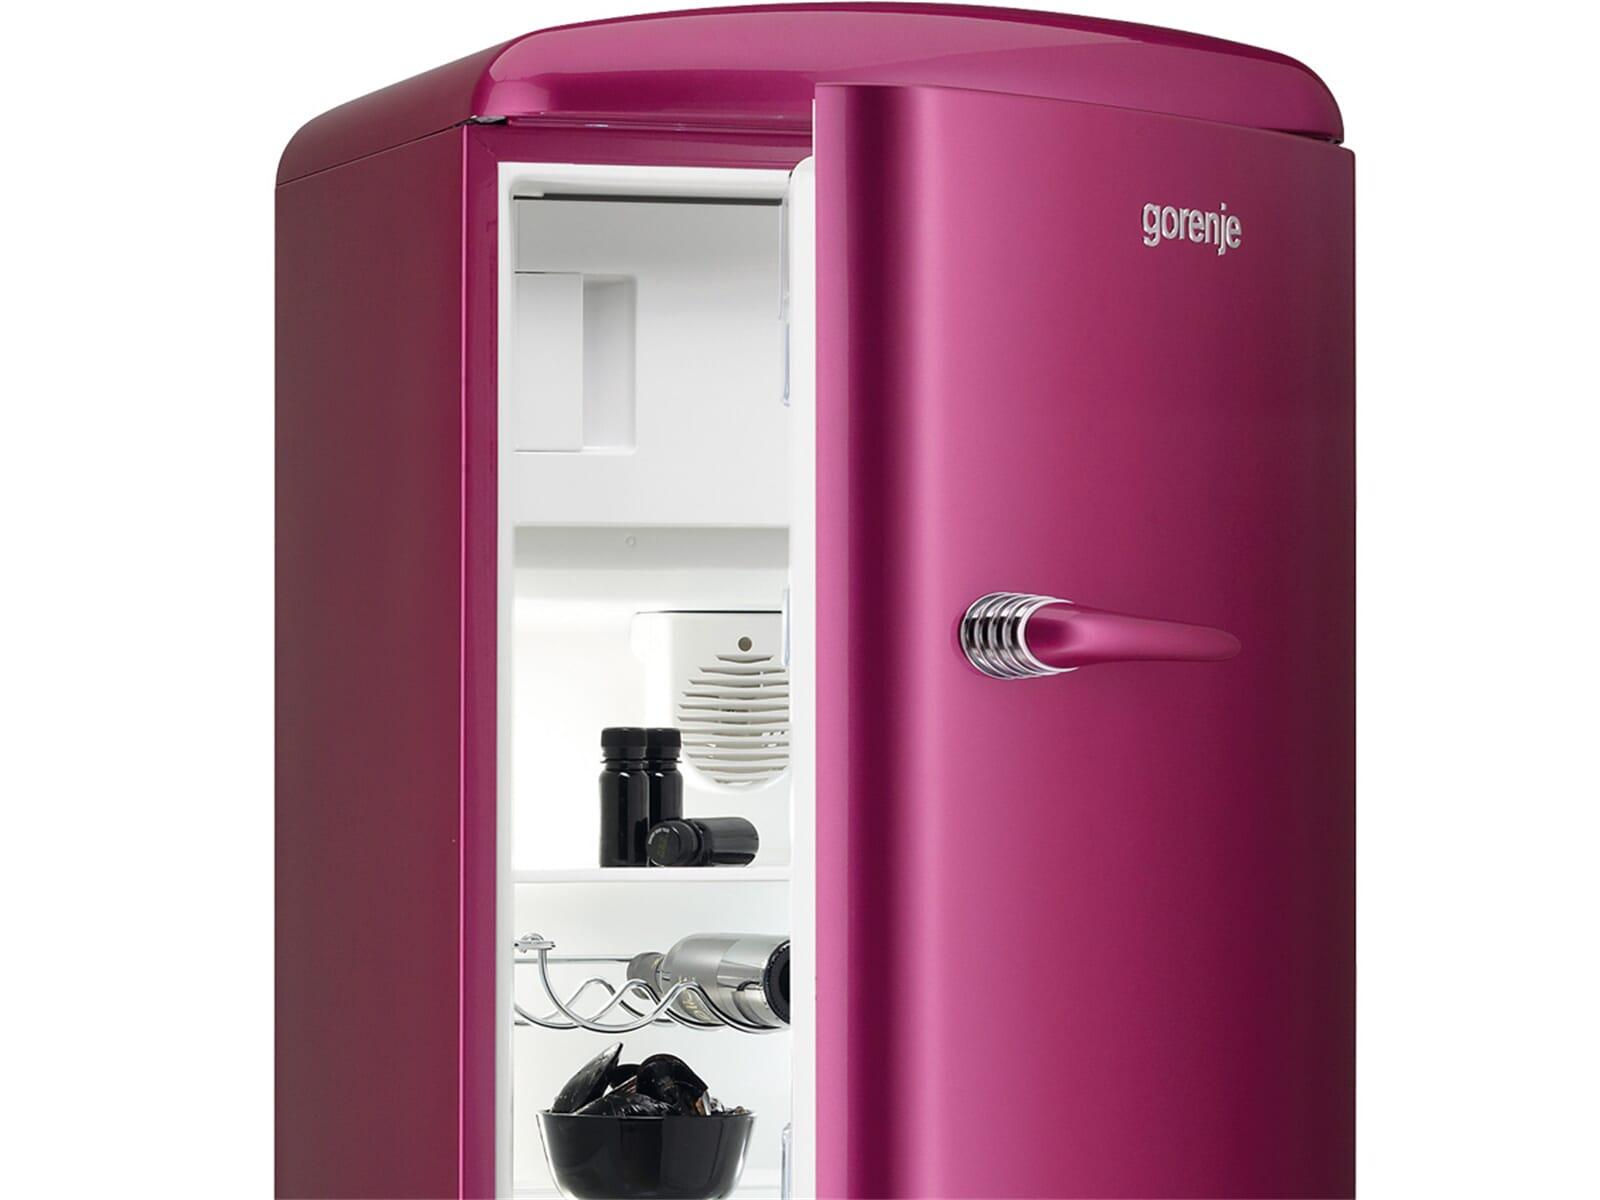 Amerikanischer Kühlschrank Pink : Amerikanischer kühlschrank pink amerikanischer kühlschrank rosa